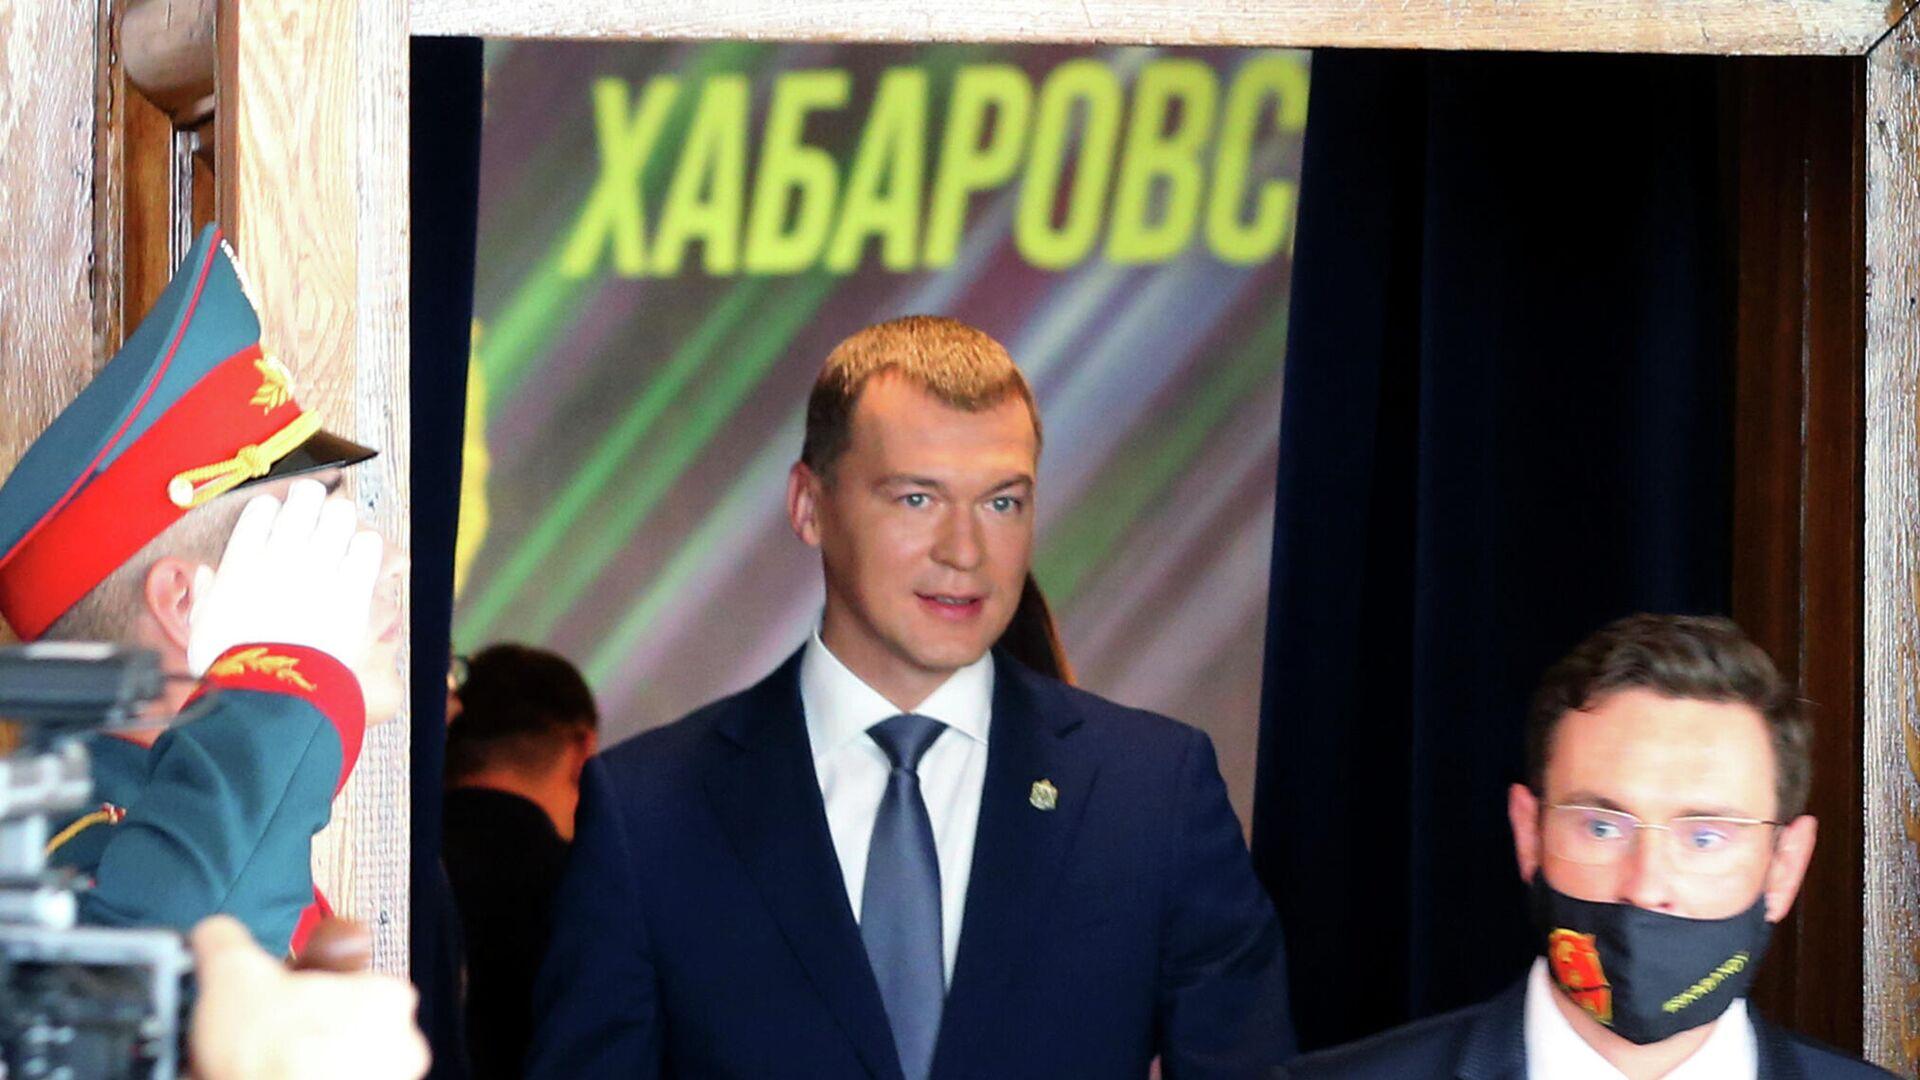 Дегтярев: Хабаровский край устал от политического балагана и междоусобиц в регионе